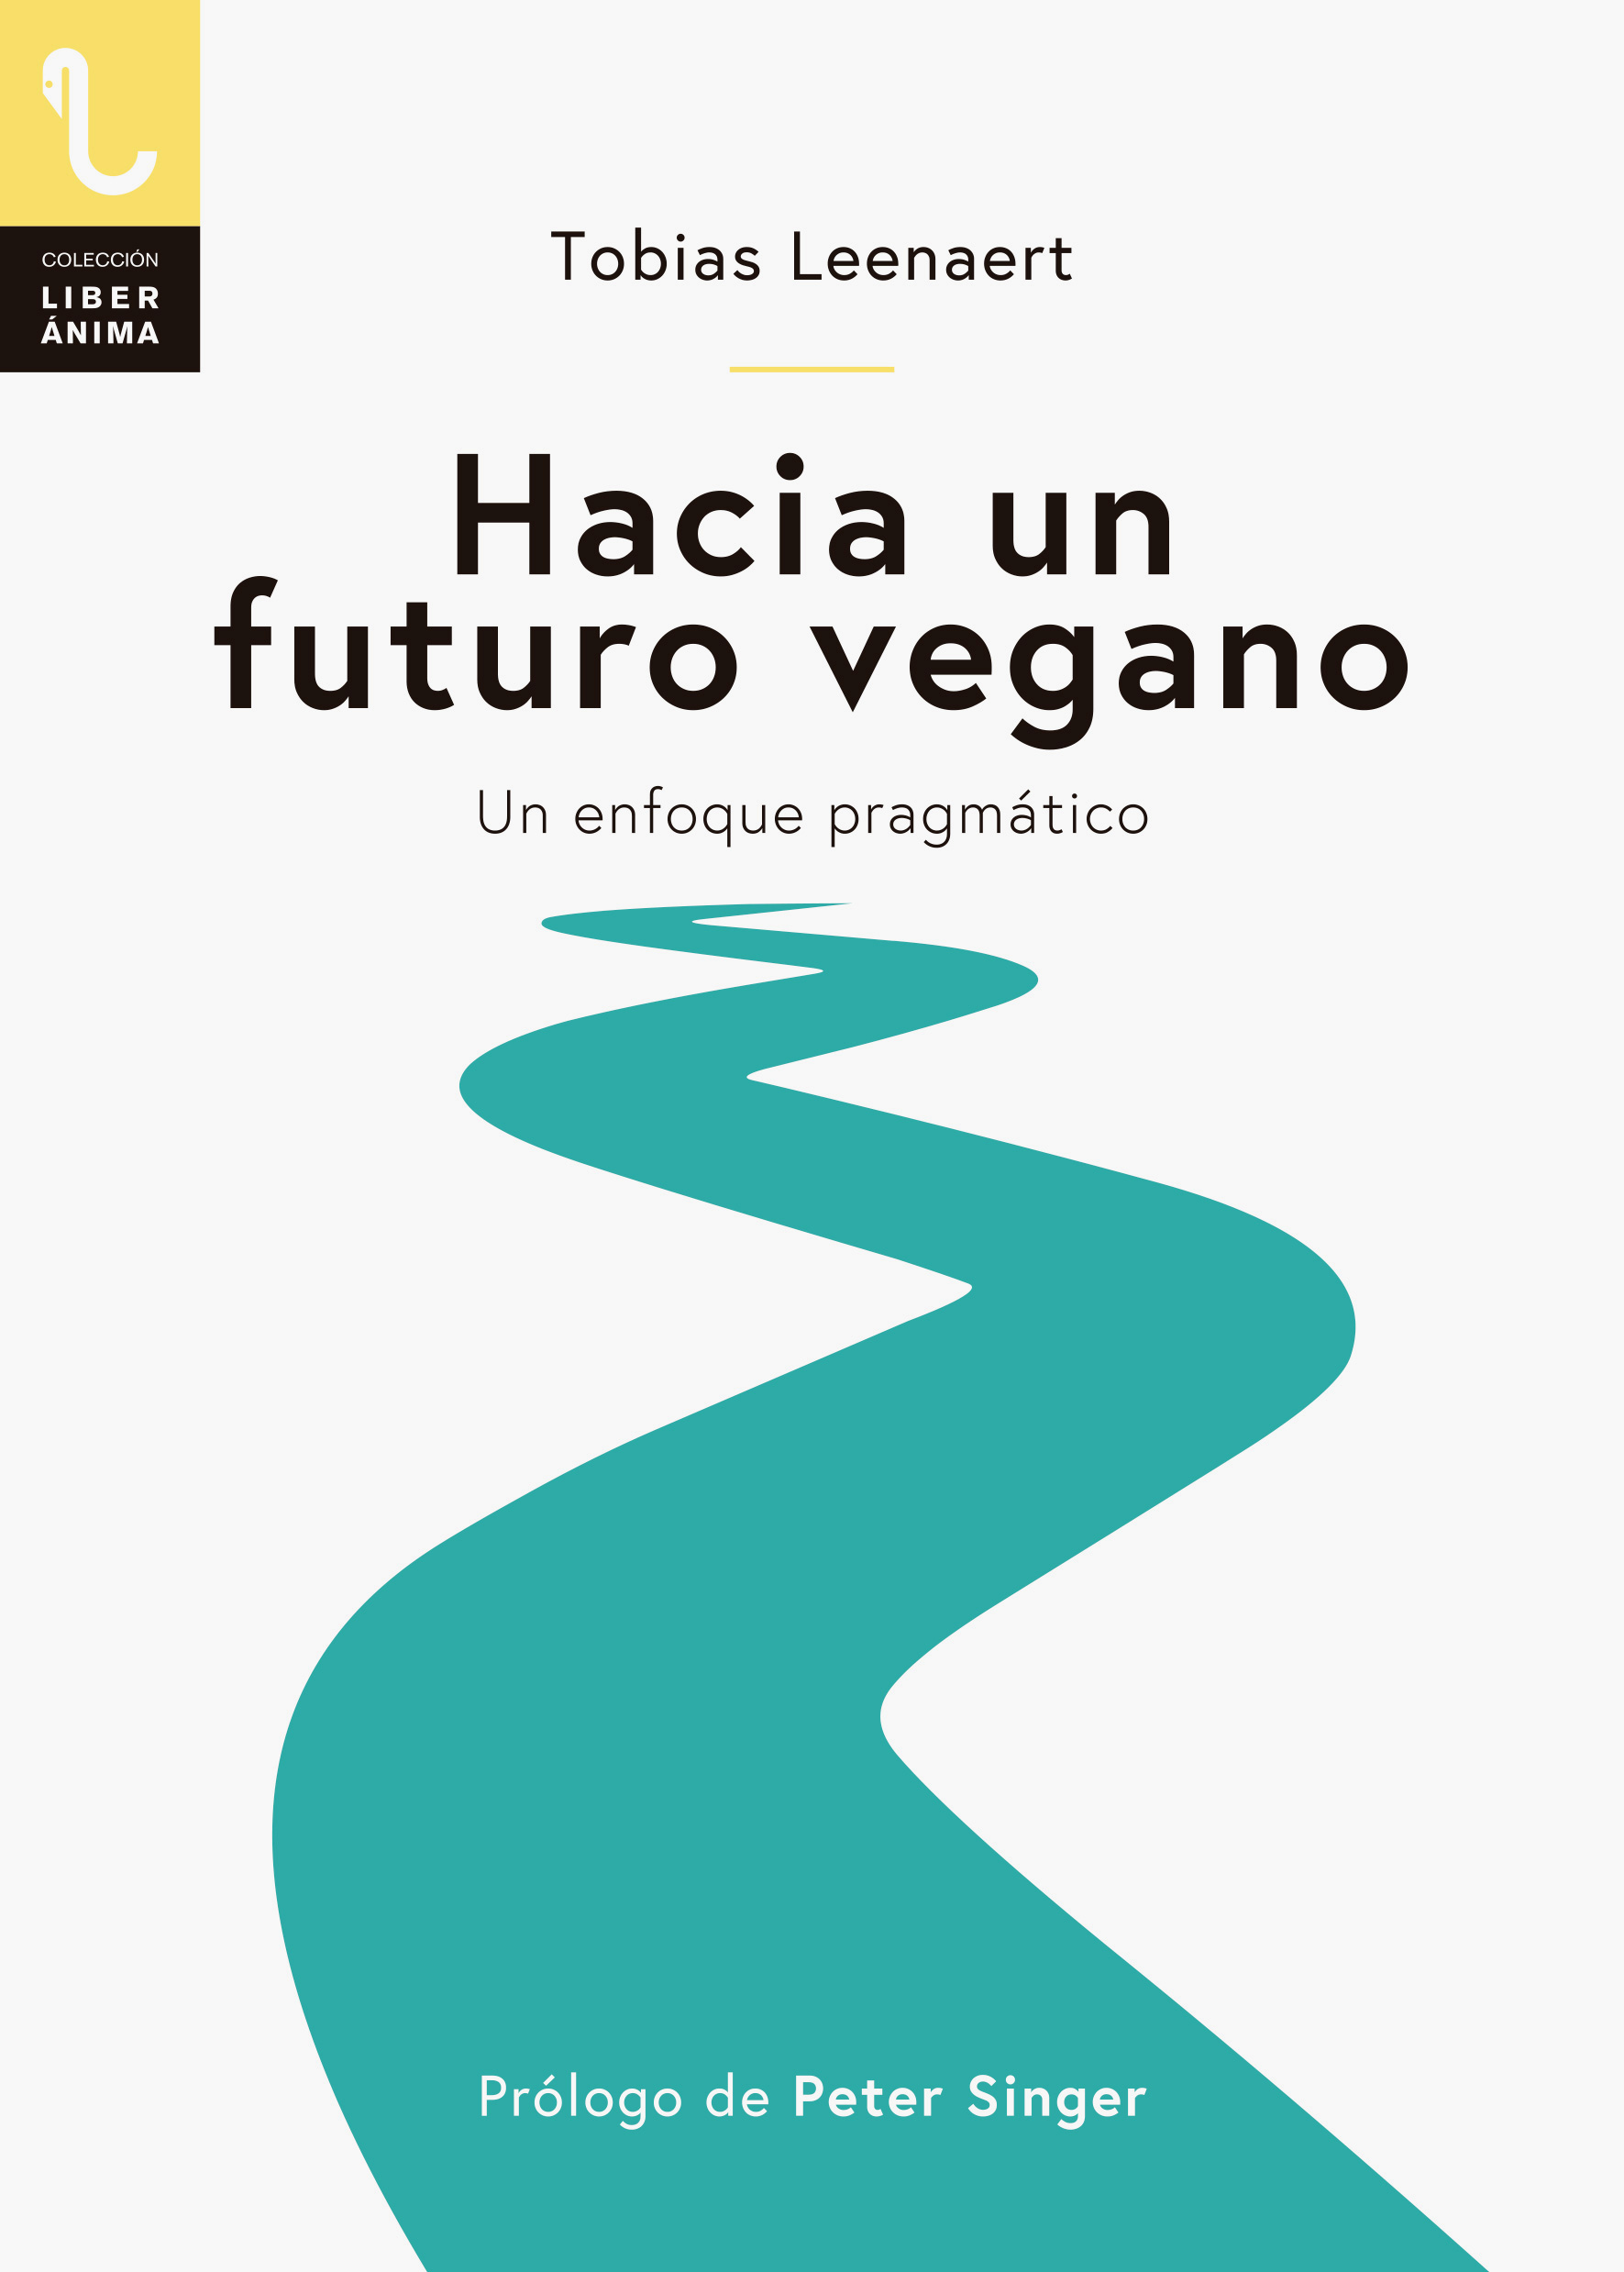 HACIA UN FUTURO VEGANO «Un enfoque pragmático»